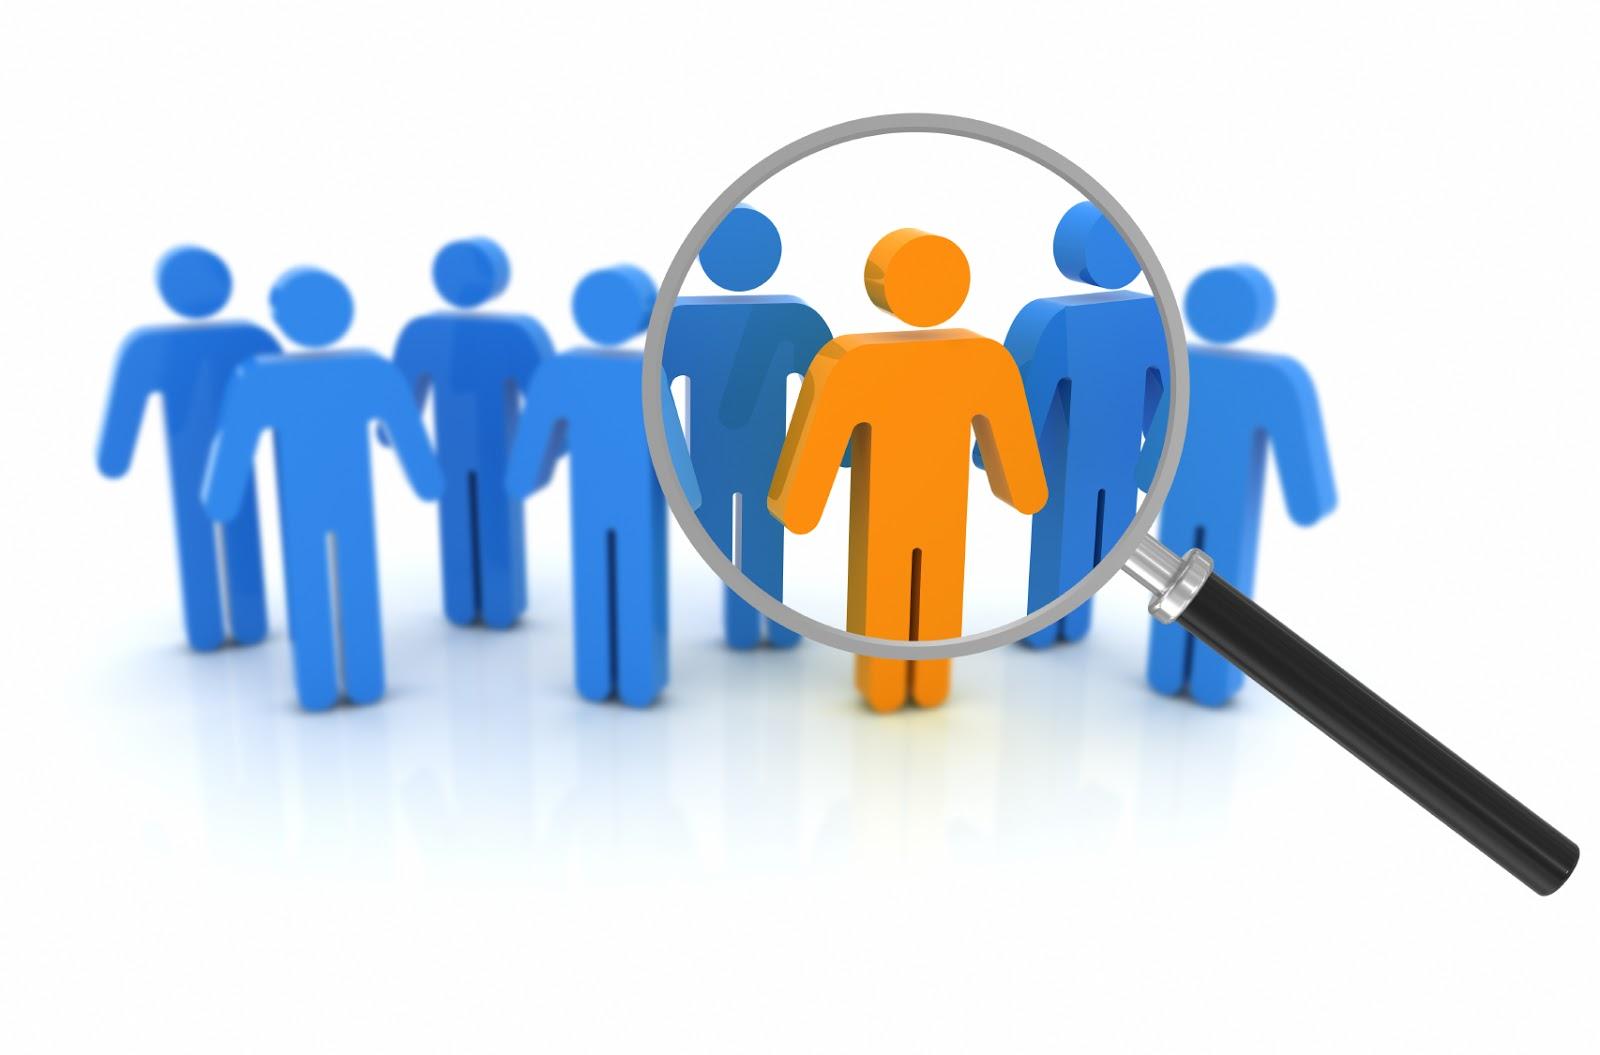 Cách đánh giá kỹ năng ứng viên chuyên nghiệp